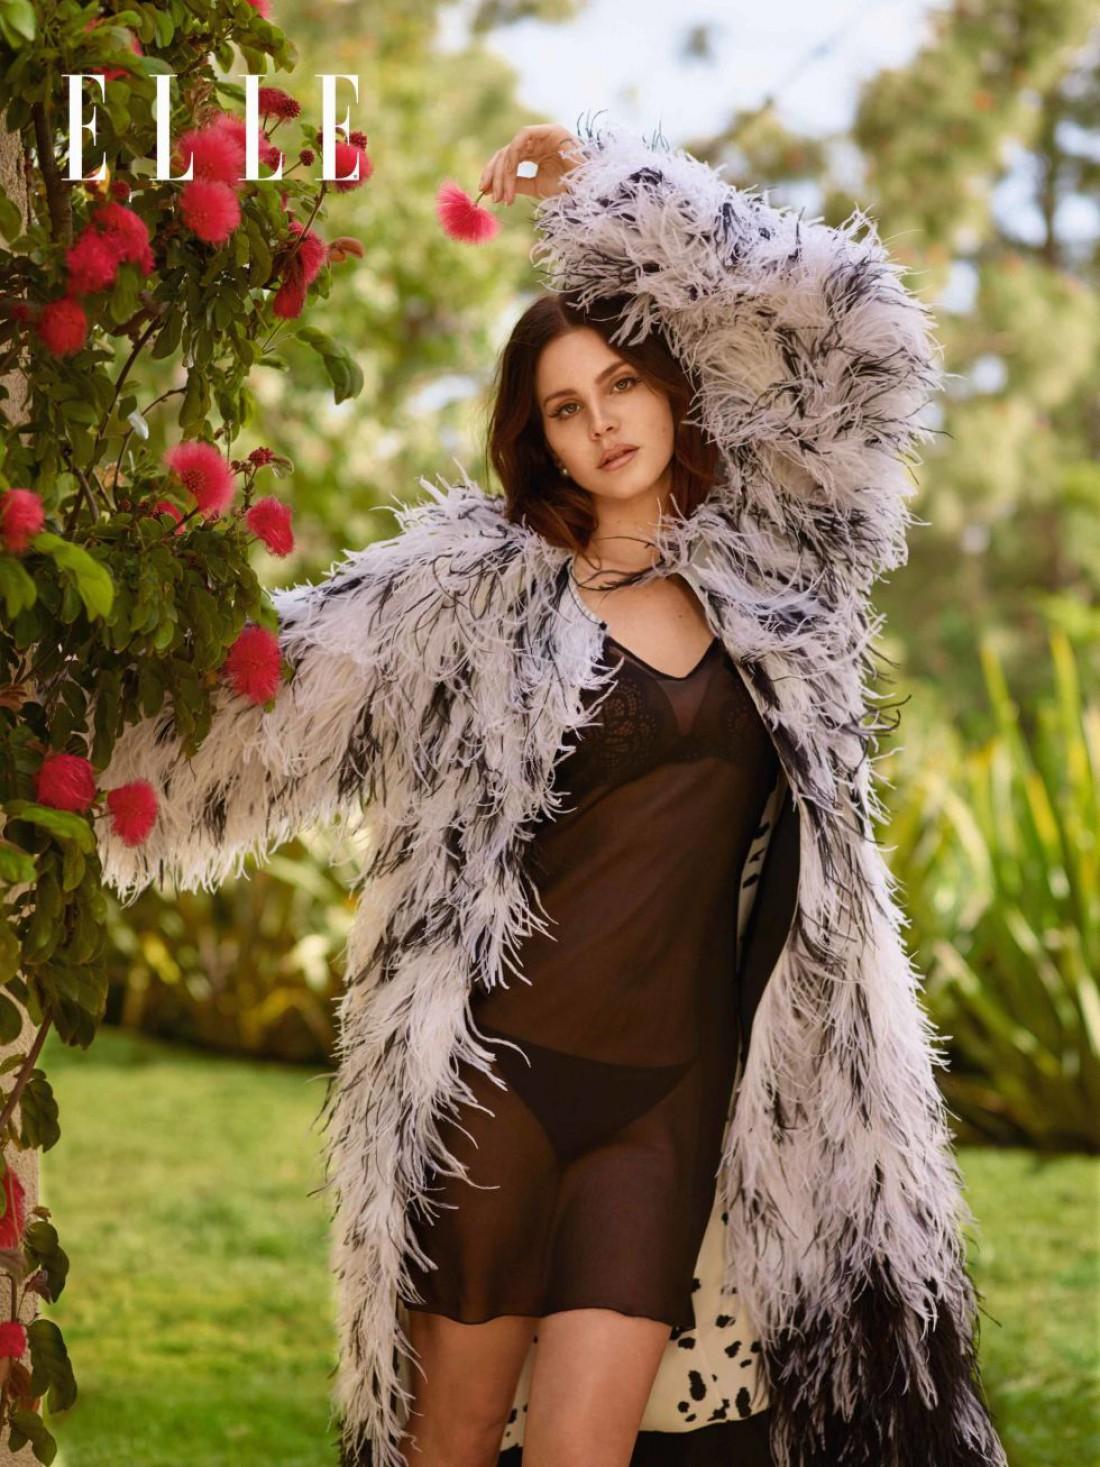 Лана Дель Рей в новой фотосессии Elle UK